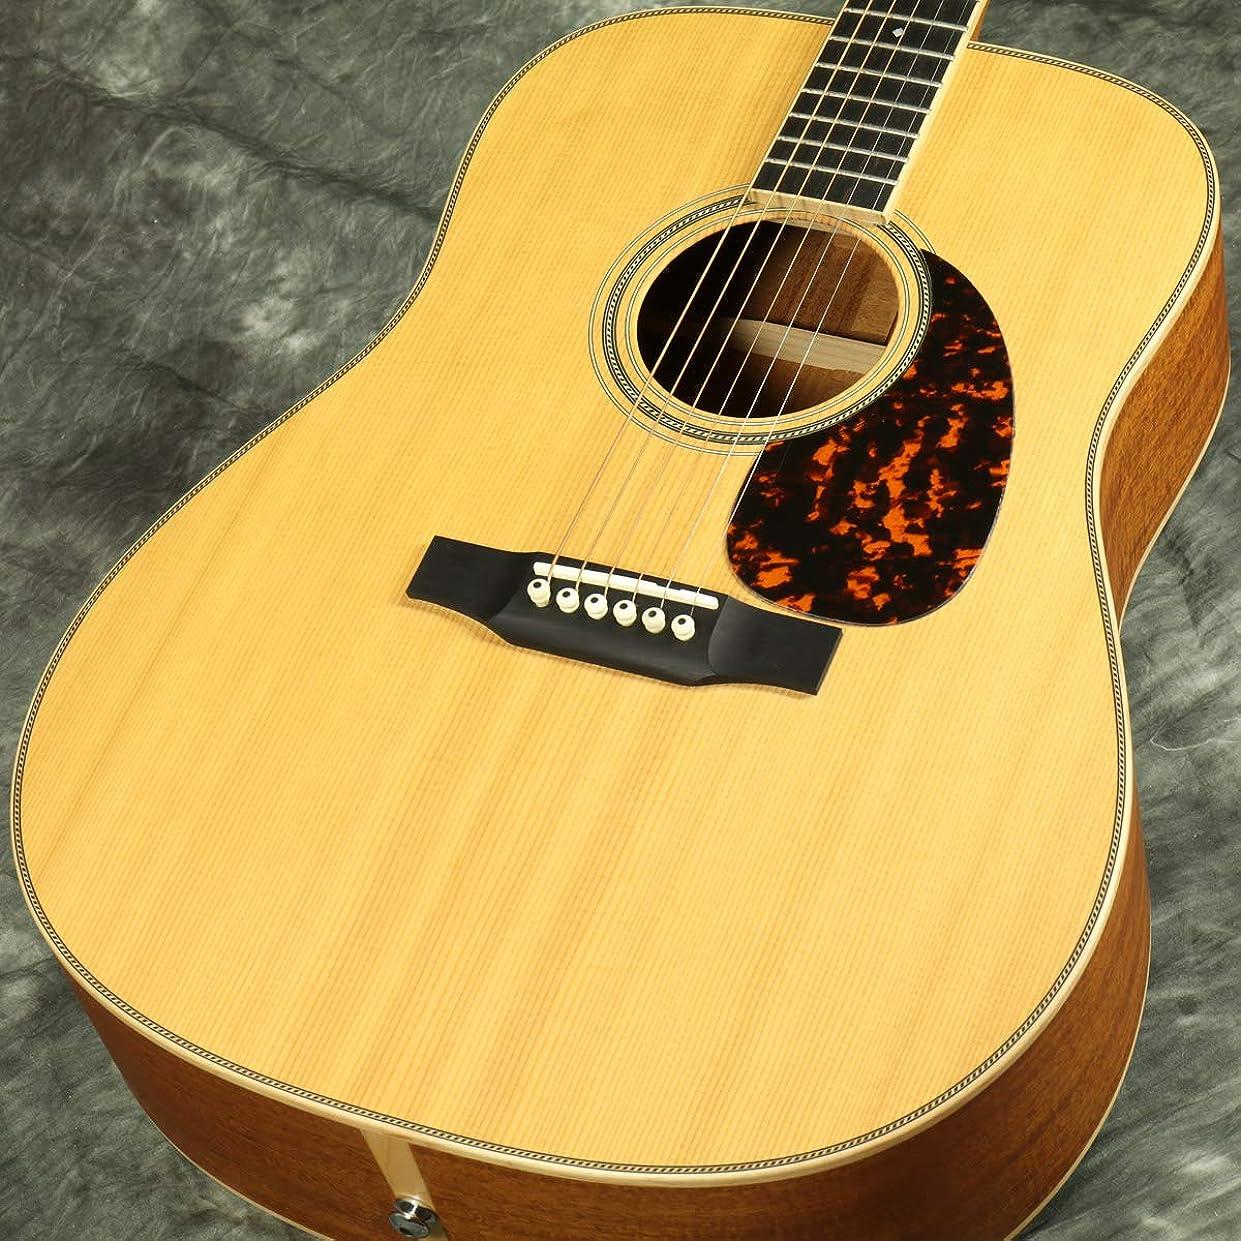 不承認フリースのホスト【アウトレット】Larrivee/D-40 ラリビー アコースティックギター アコギ D40